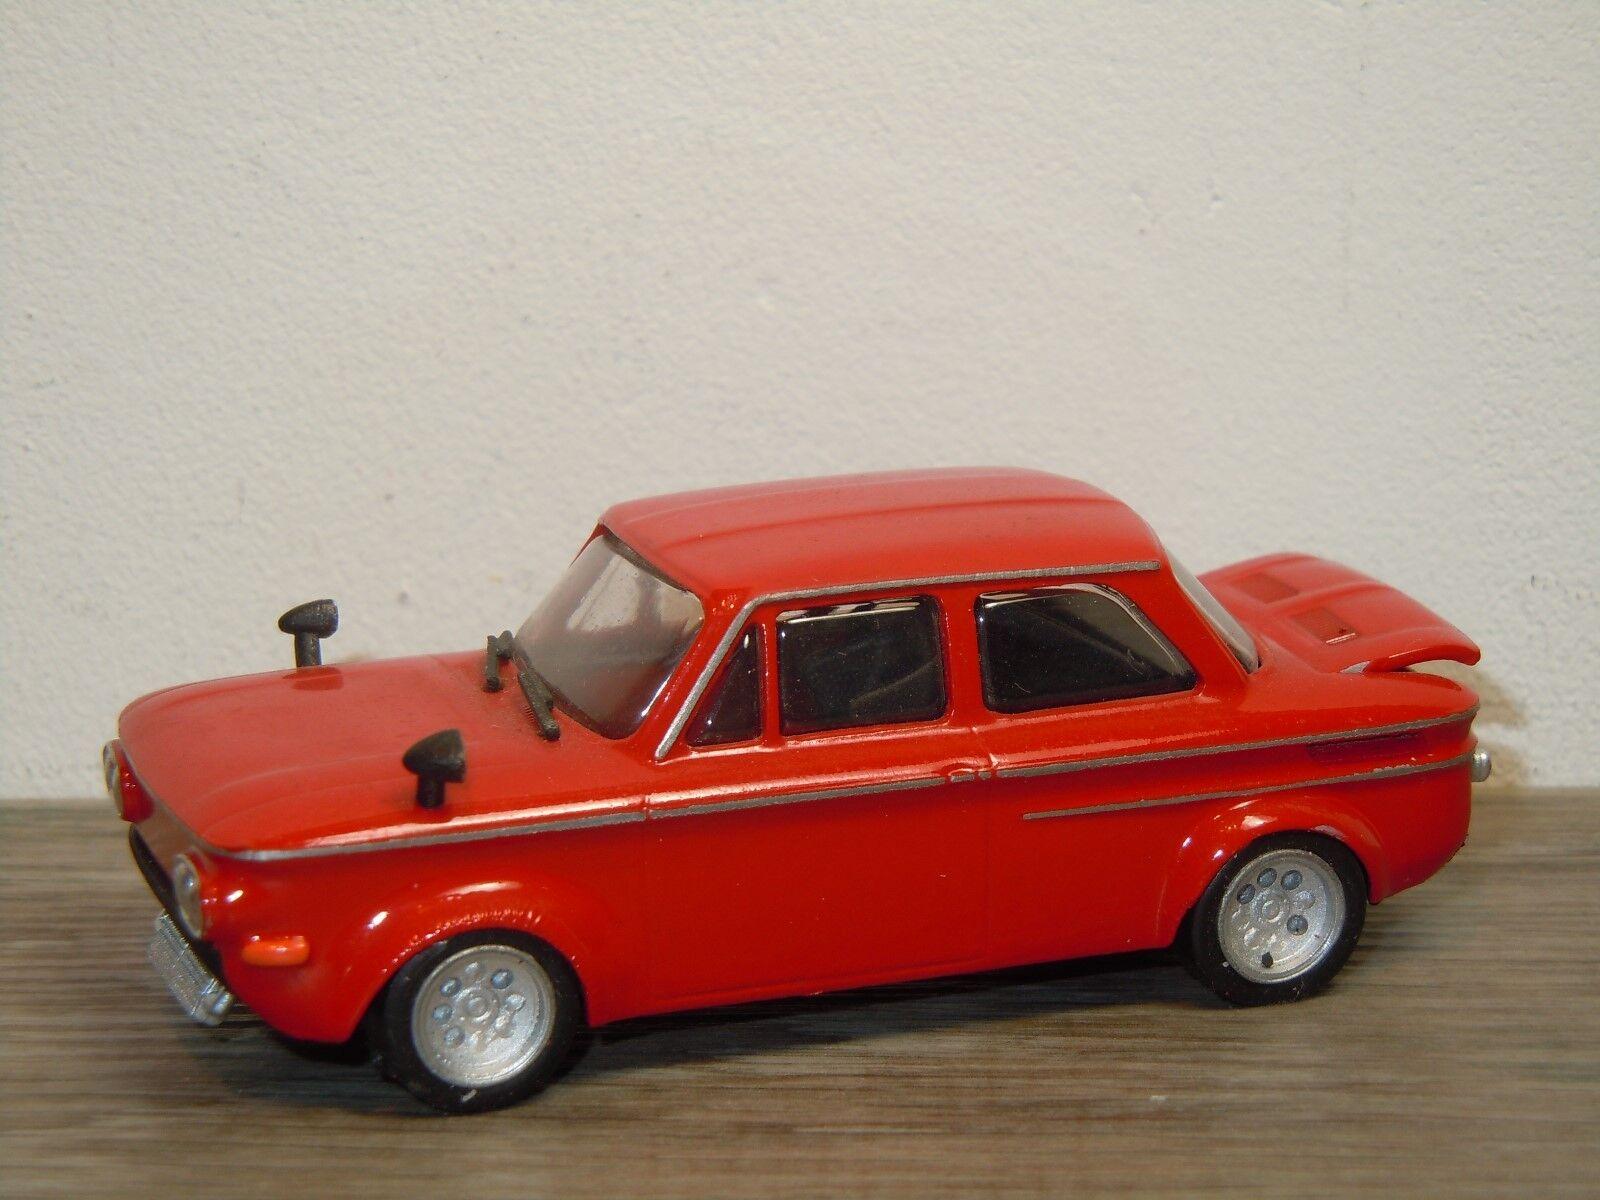 NSU TT - Plumbies by Western Models Models Models 55 England 1 43 35636 b39c78